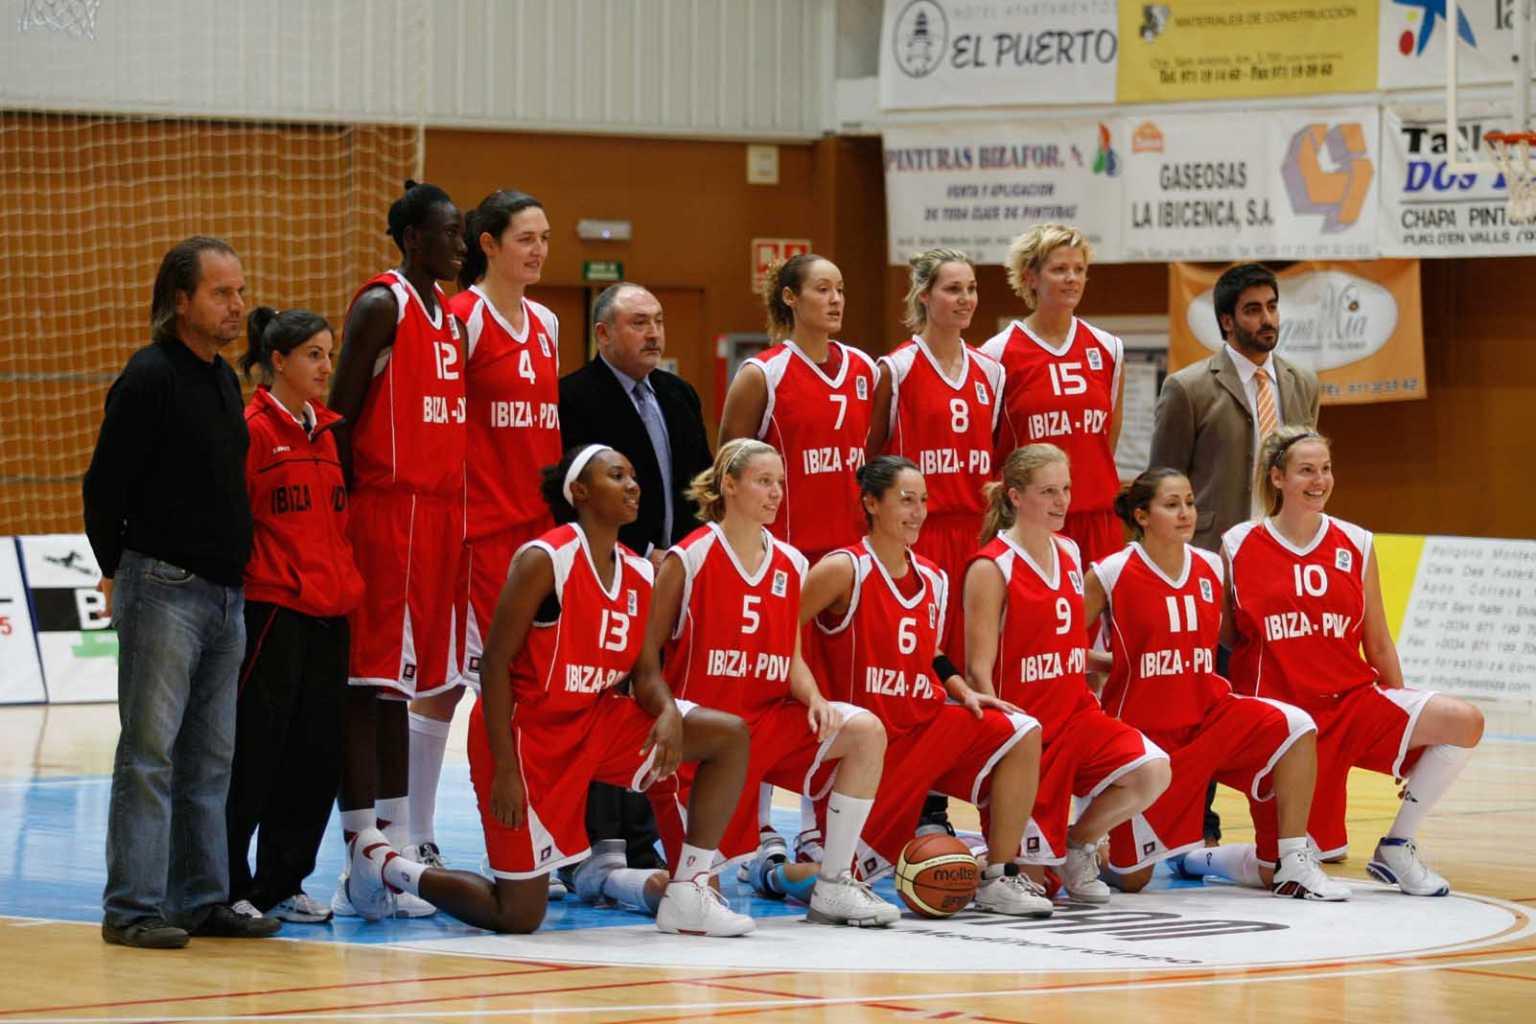 Formación del CB Puig d'en Valls que jugó en la Eurocup de baloncesto. Juan A. Riera